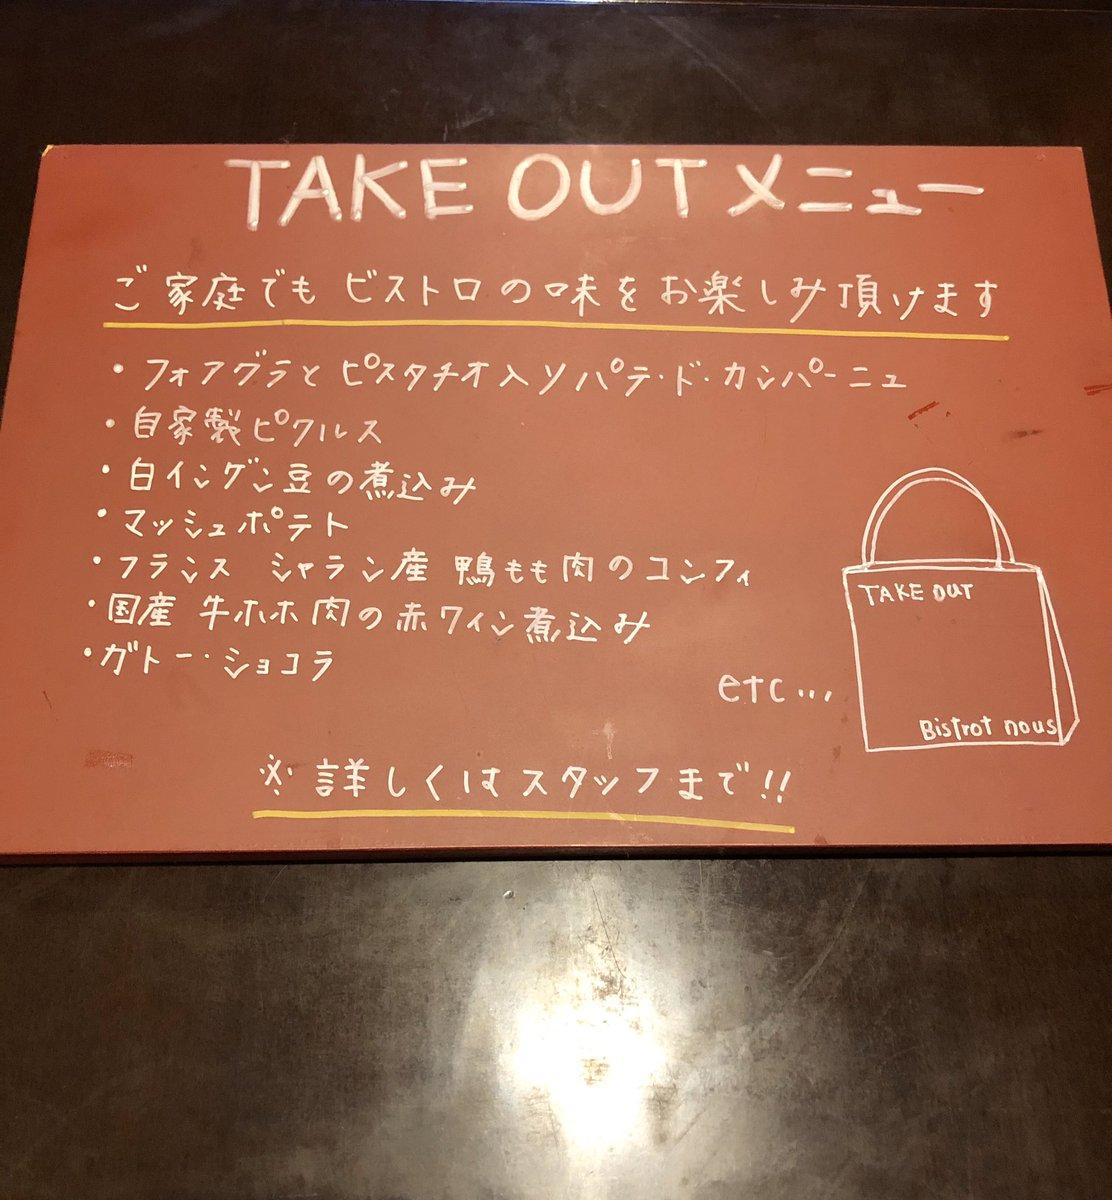 来週からいろいろとお持ち帰りメニューを増やしていきます。  ご家庭でビストロの味をお楽しみいただければと思います。  ご要望などありましたらご相談ください!  http://www.bistrot-nous.jp  #akiba #フランス料理 #東京グルメ  #おうちごはんpic.twitter.com/6NblU8pPUu